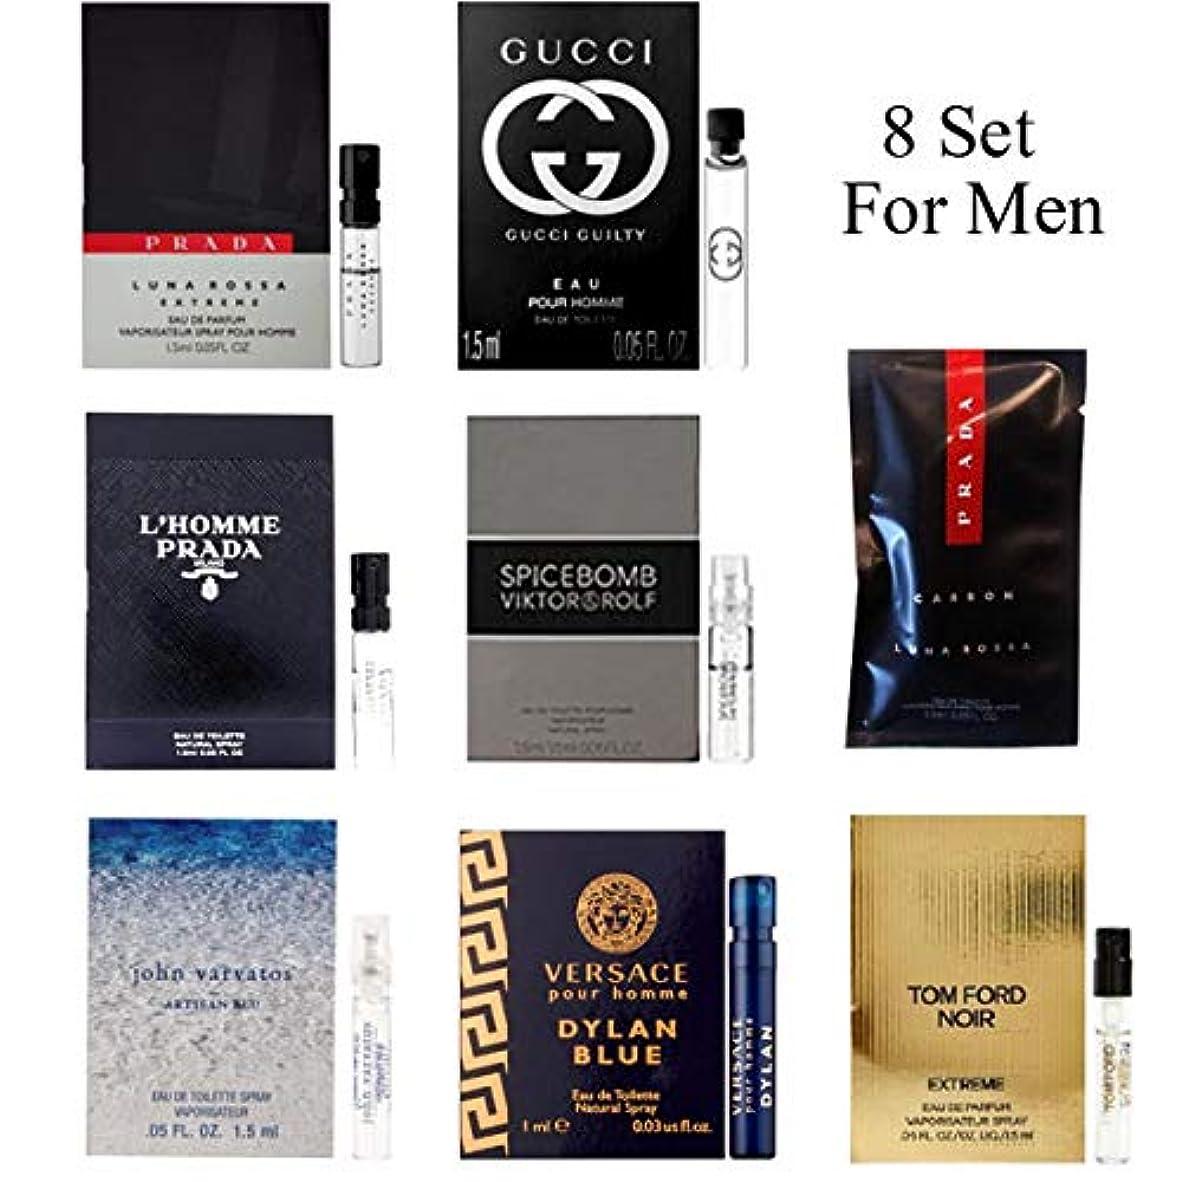 刑務所リール高い男性用 Eau de Parfum (Eau de Toilette) For Men Samples 8/set [海外直送品] [並行輸入品]